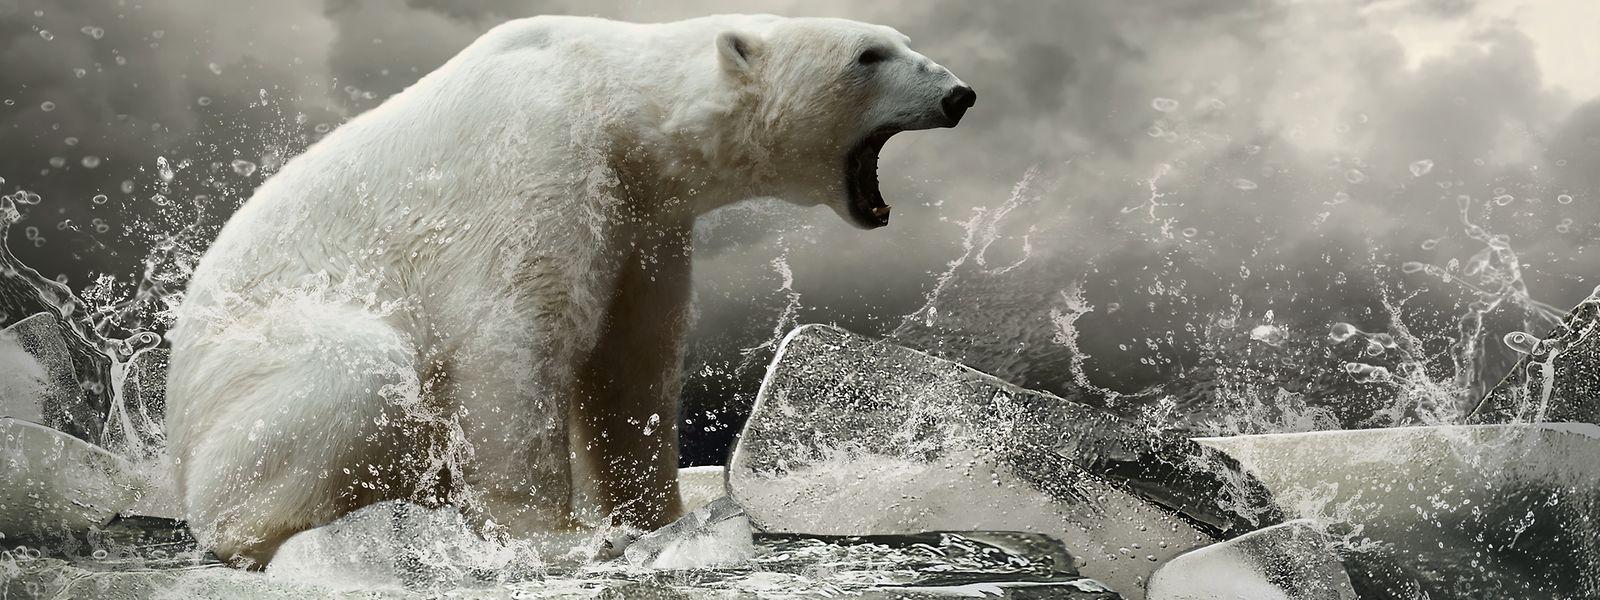 Die Bedrohung der Arktis durch den Klimawandel ist reeller denn je.